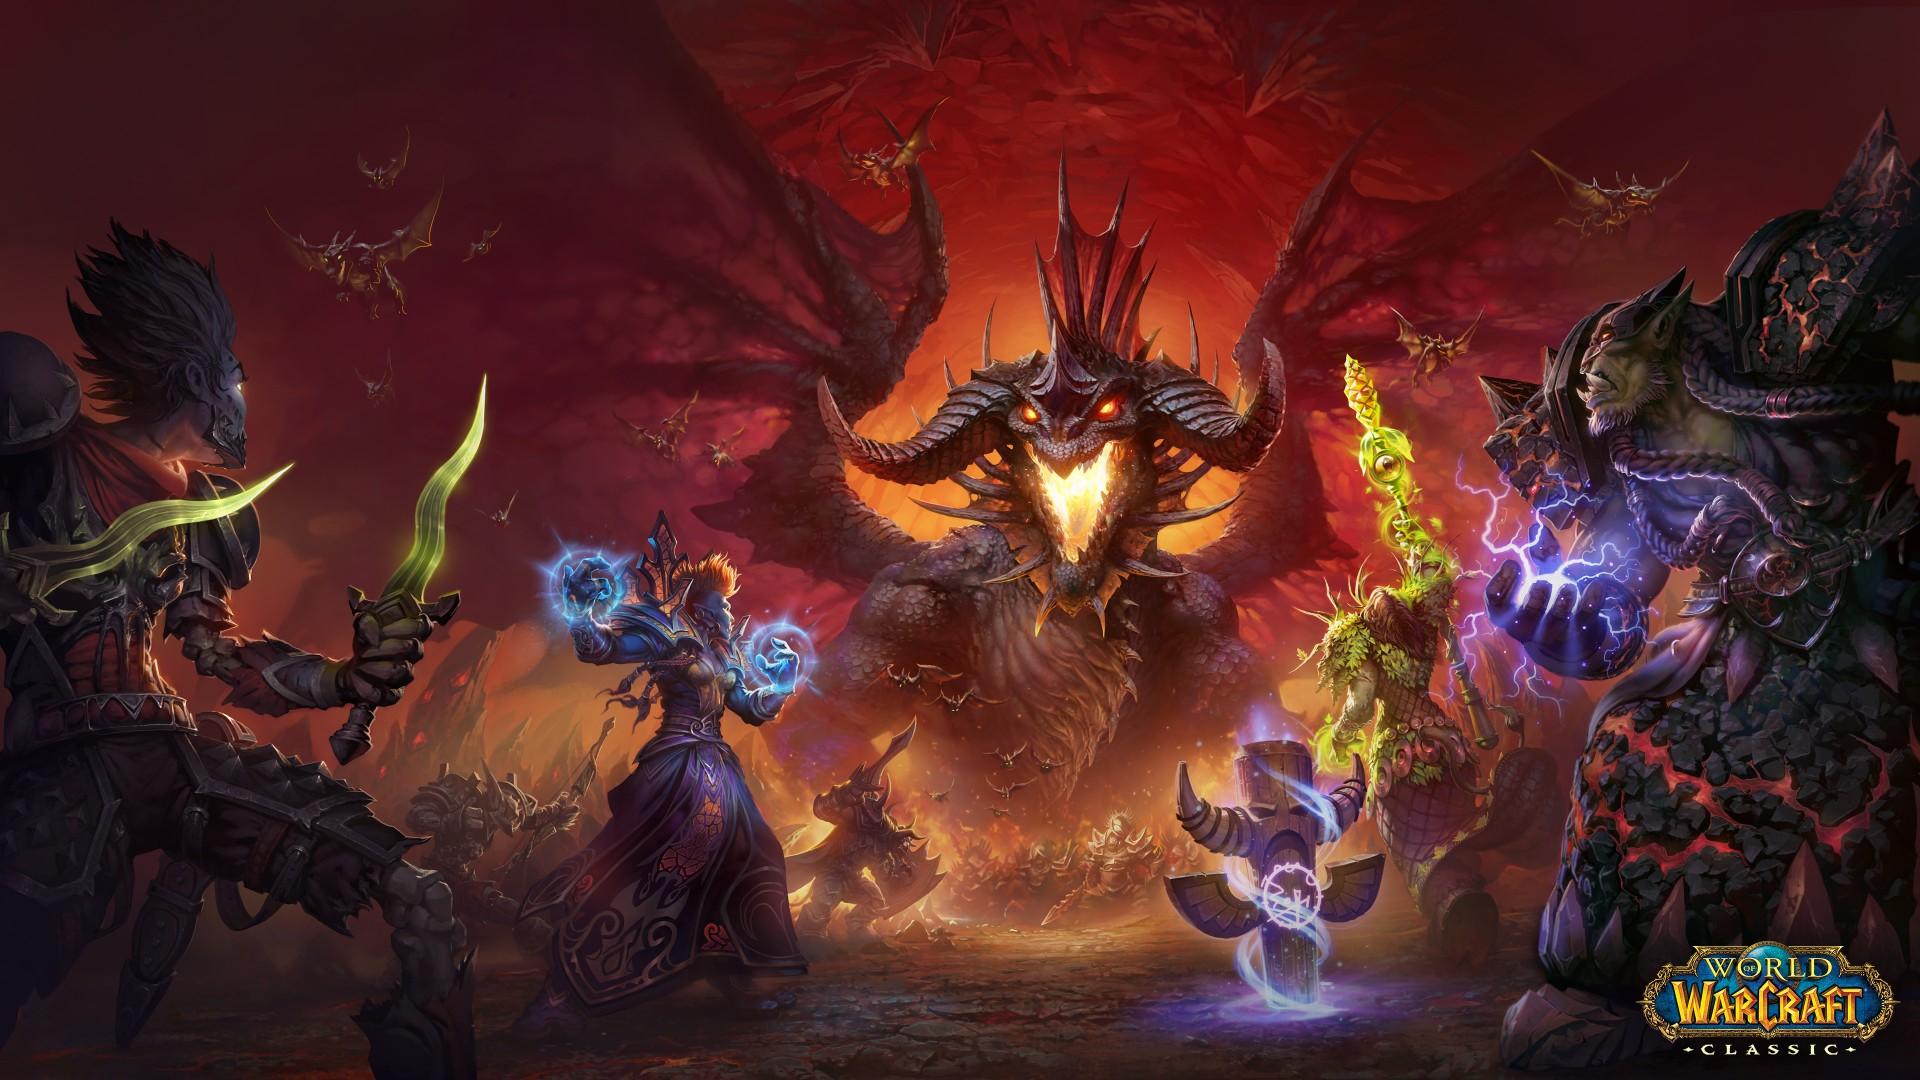 Лукьяненко и Перумов за Альянс: новый ролик к годовщине World of Warcraft